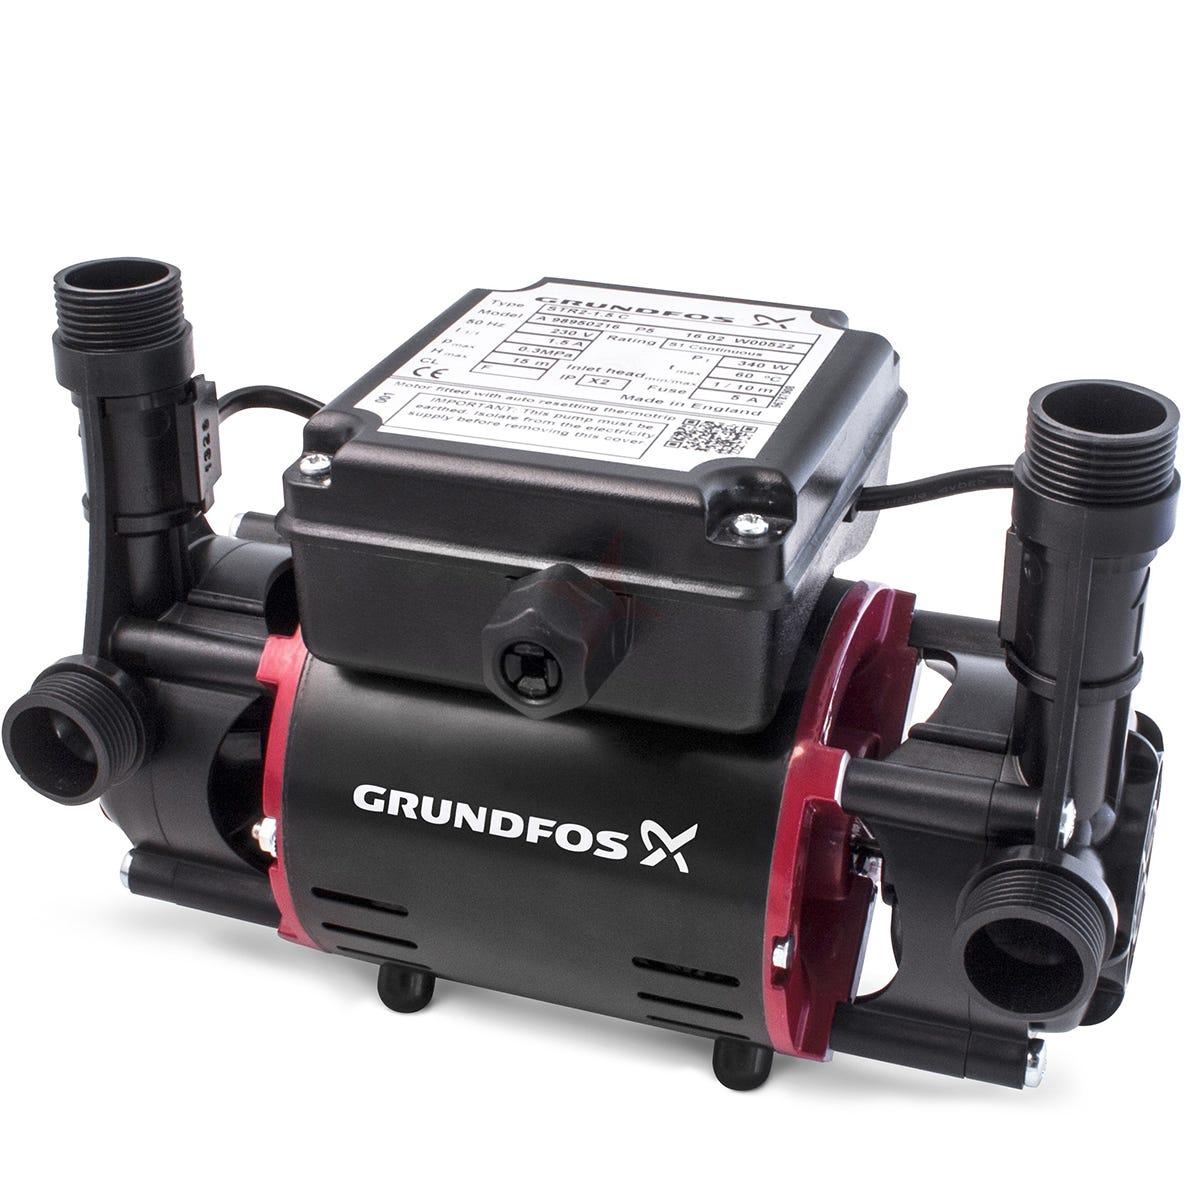 Grundfos STR2 1.5C Twin Impeller Shower Pump